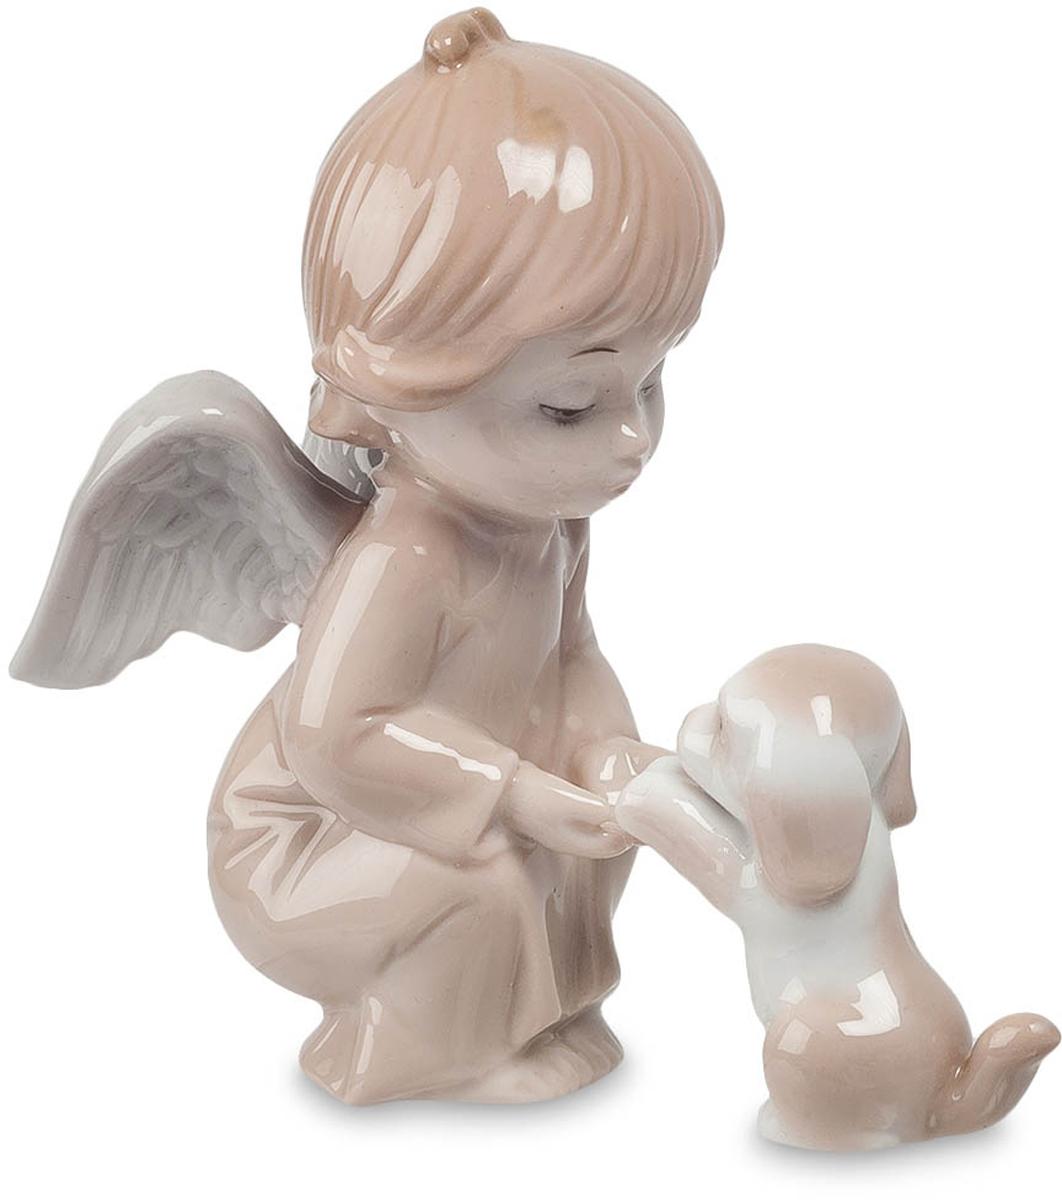 Фигурка Pavone Ангел. JP-05/10JP-05/10Фигурка Ангела высотой 10 см. Нова - покровительница животных. Она оберегает их и всячески им помогает. Самые святые существа – это маленькие ангелочки. Они чистые и телом и своей маленькой искренней душой. Эта статуэтка станет украшением любой коллекции и, несомненно, понравится, как детишкам, так и взрослым. Все настолько продумано в этой фигурке, что она поражает всеми своими особенностями. Ее наряд, хоть и простое, ровное одеяние, но делает образ ангелочка еще более искренним и милым. Основные цвета композиции – коричневые, но это придает какую-то особую атмосферу и прелесть статуэтке. Маленькая собачка, которая ластится к ангелу, дополняет образ нежного, доброго маленького существа.